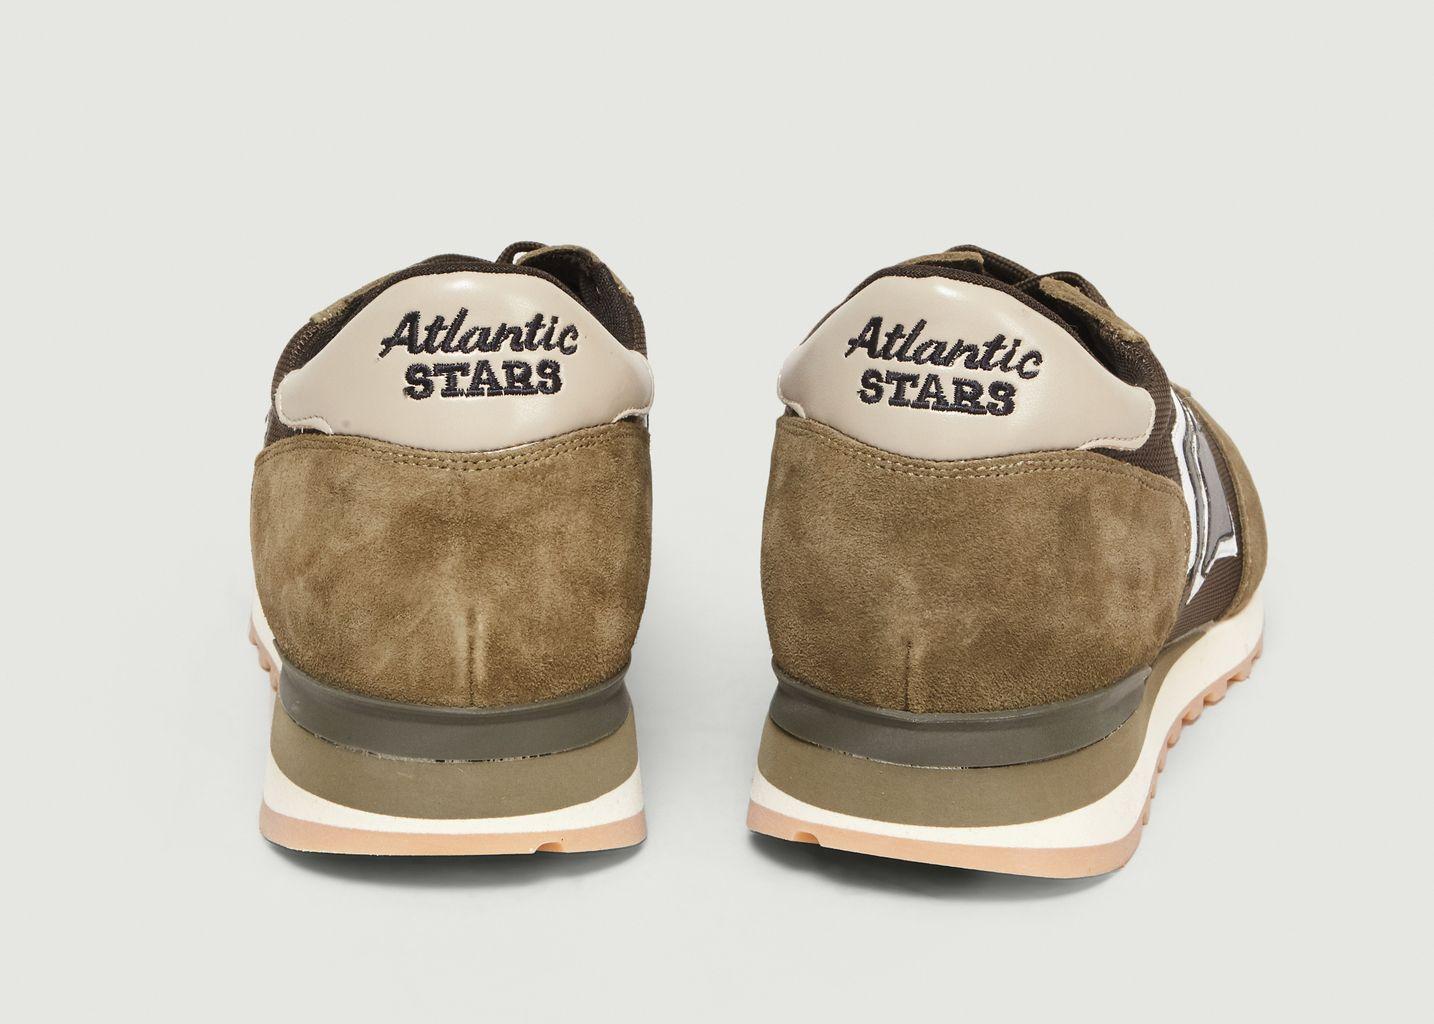 Sneakers En Cuir Suédé Et Tissu Argo - Atlantic Stars